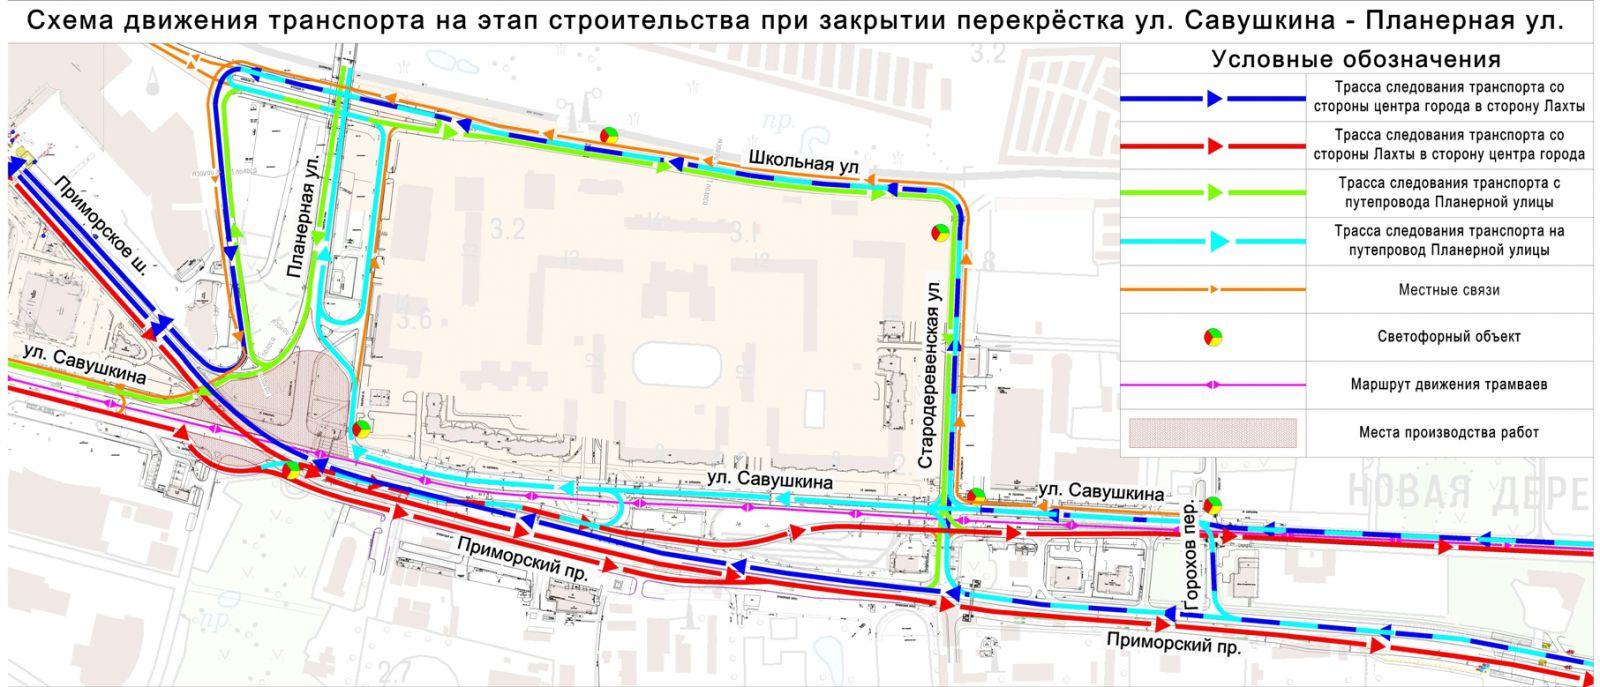 схема развязки с зсд на приморское шоссе